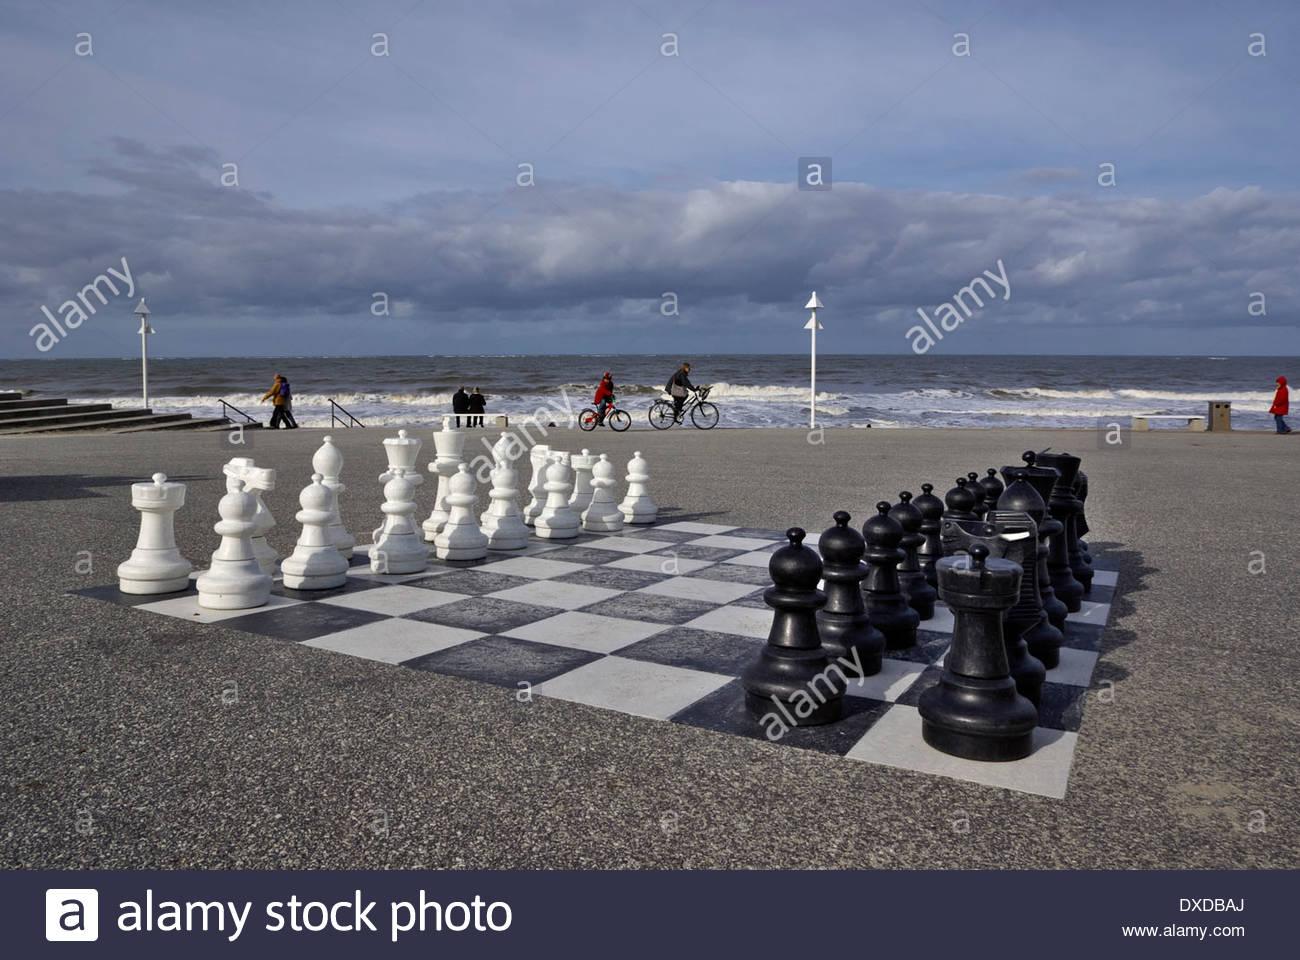 Menschen sitzen, radeln und spazieren Sie am Meer in Norderney, großes Schachbrett im Vordergrund. Stockbild